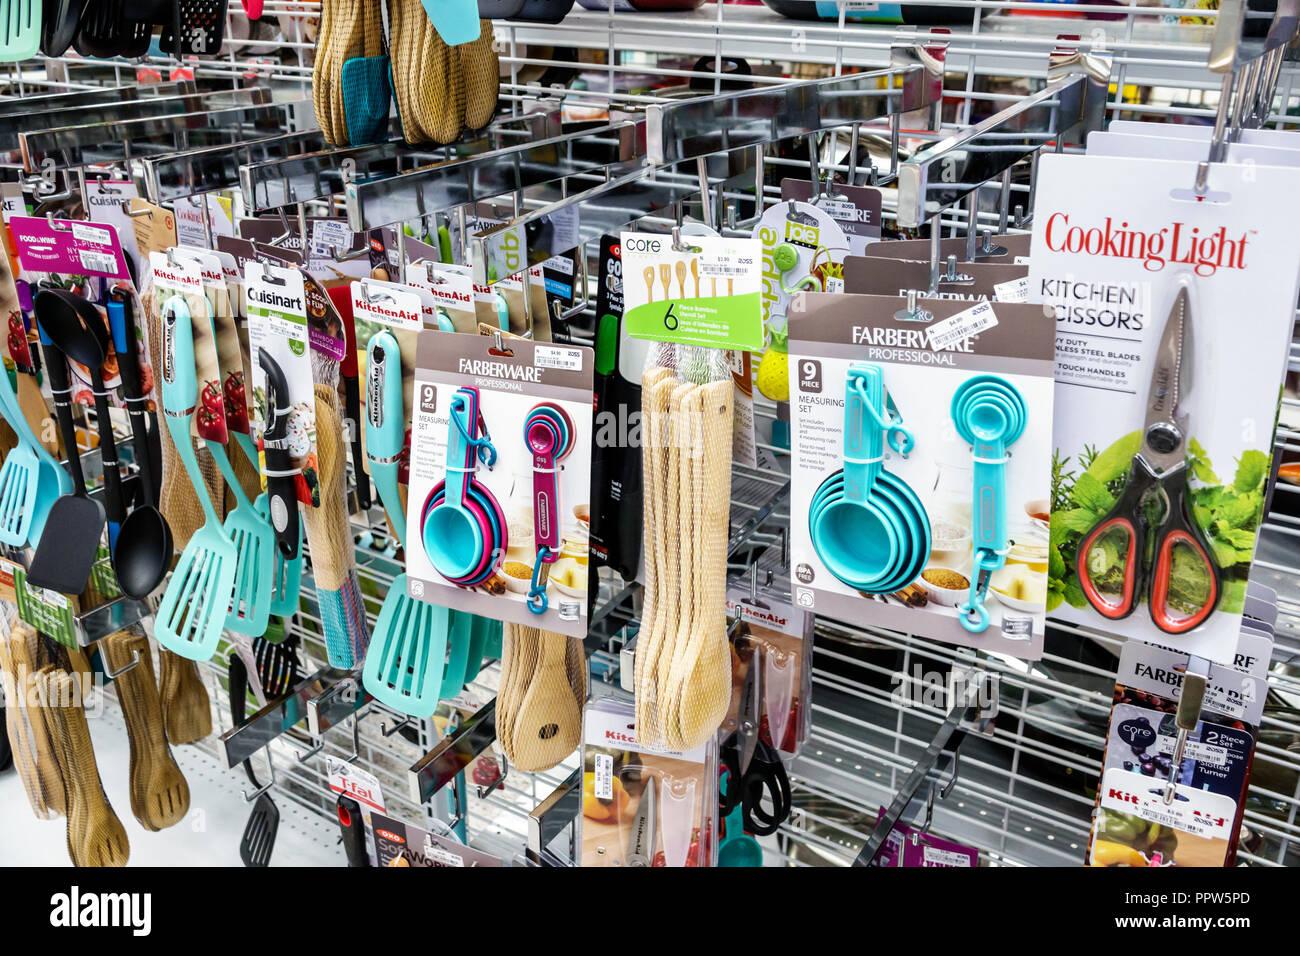 Heißluftfritteuse | Küche | Zuhause | Deallx Shopping